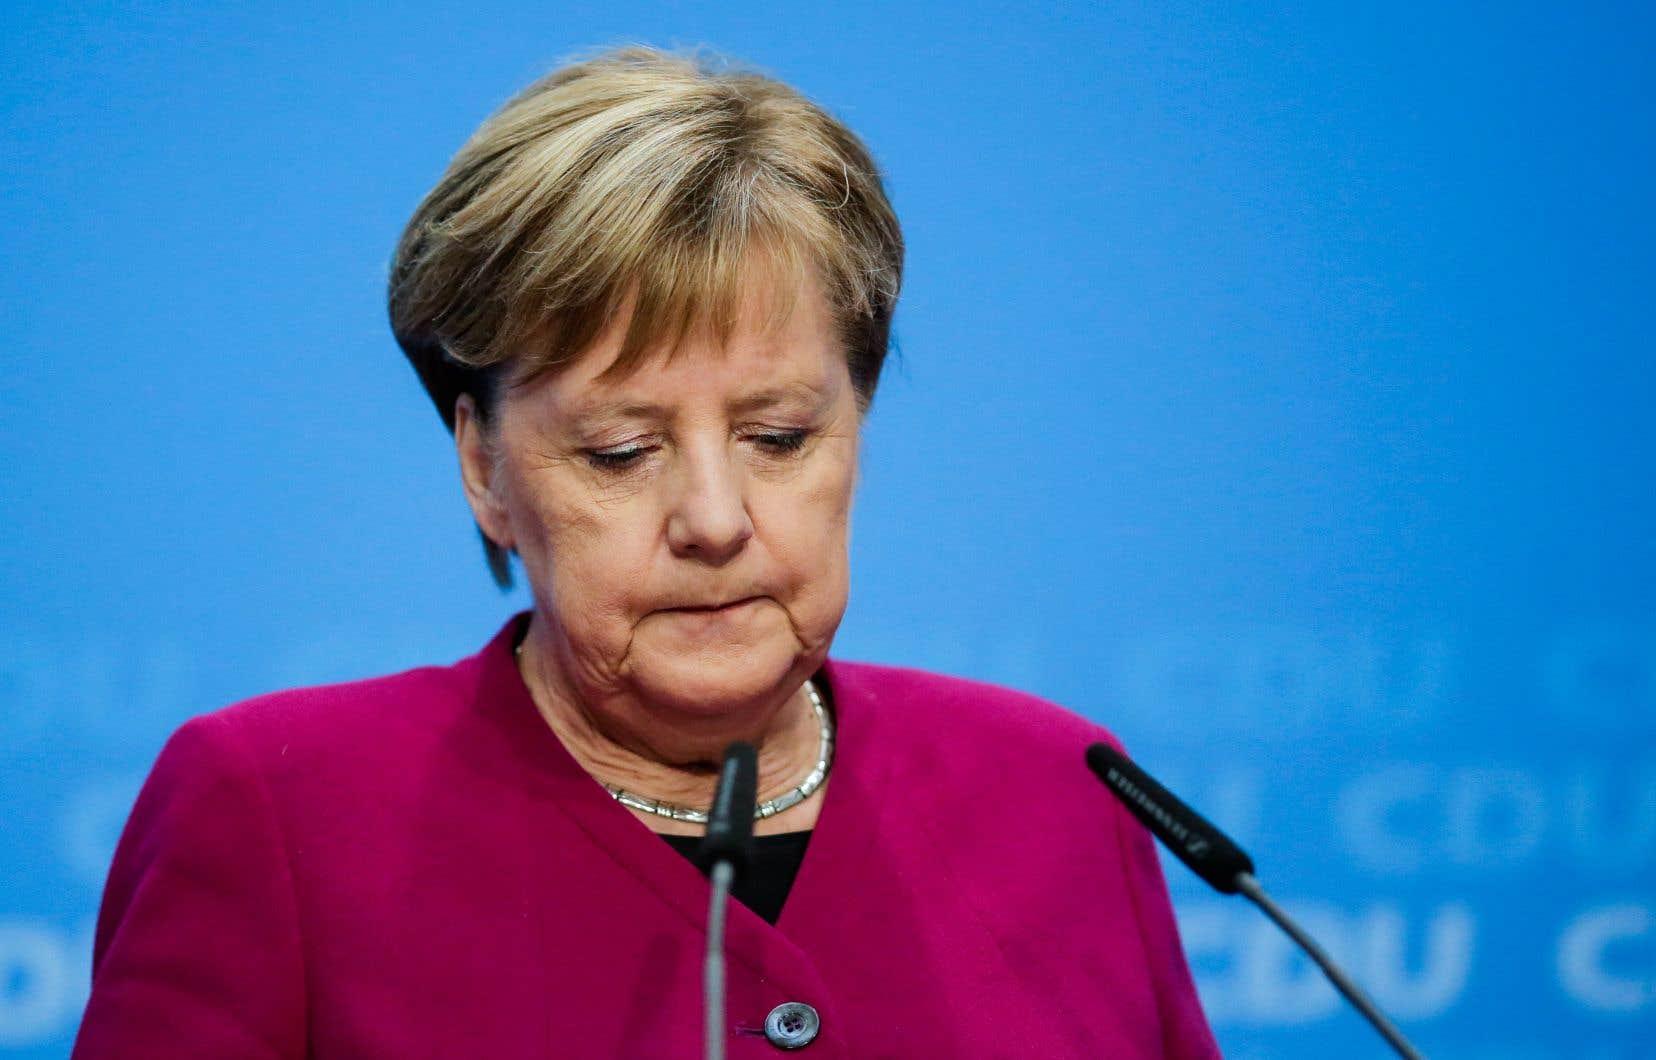 Angela Merkel a justifié son souhait d'aller au bout de son mandat actuel, qui se terminera en 2021, par la nécessité de faire preuve de «responsabilité» à la tête du pays, dans un climat mondial et intérieur agité.